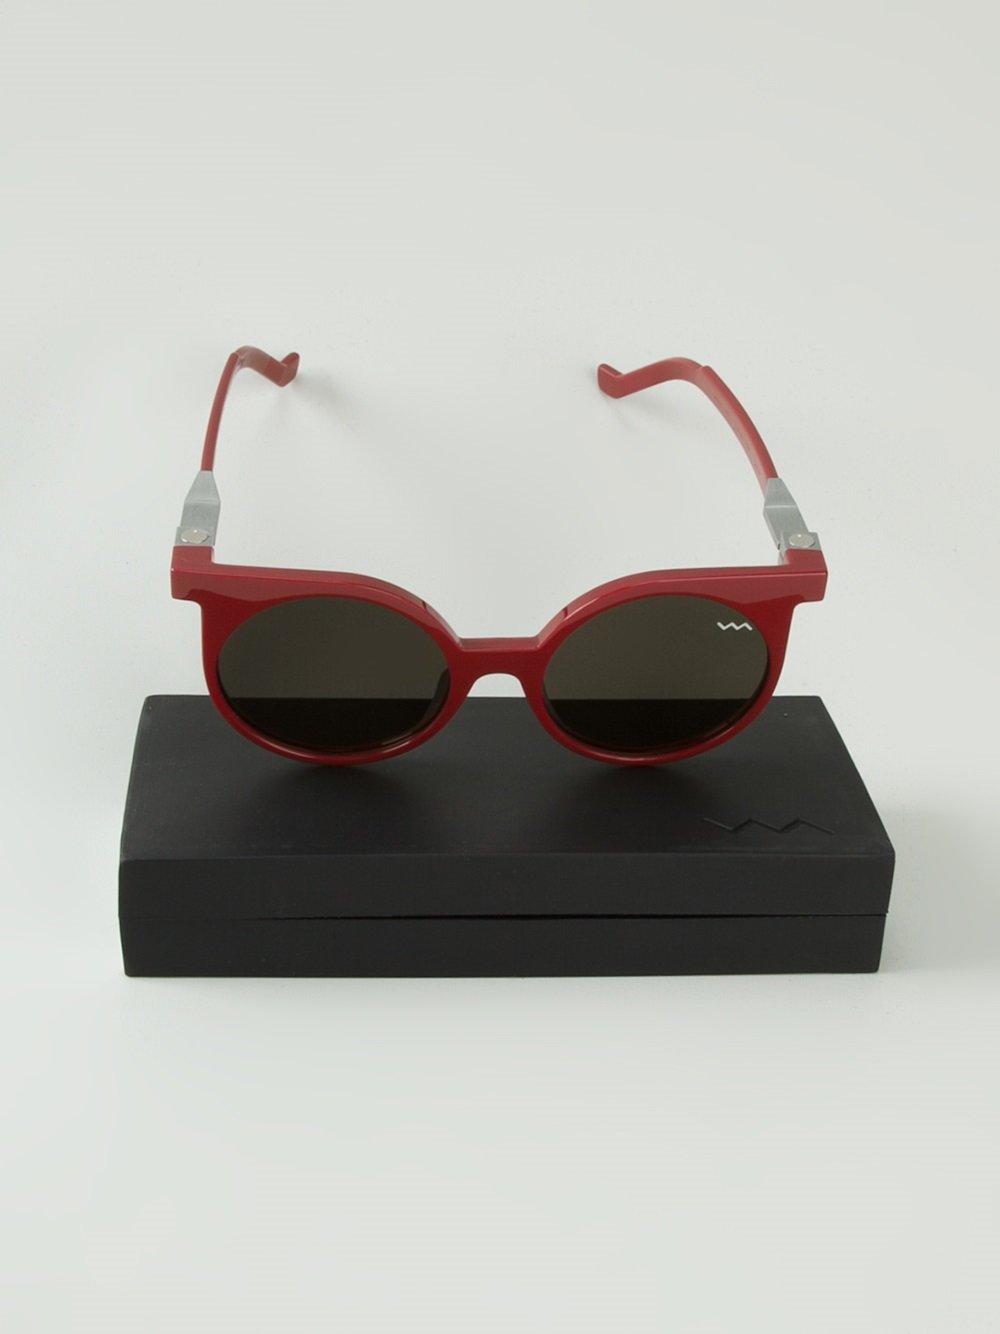 f4152b8010 Gafas de sol redondas wl001 - rojo